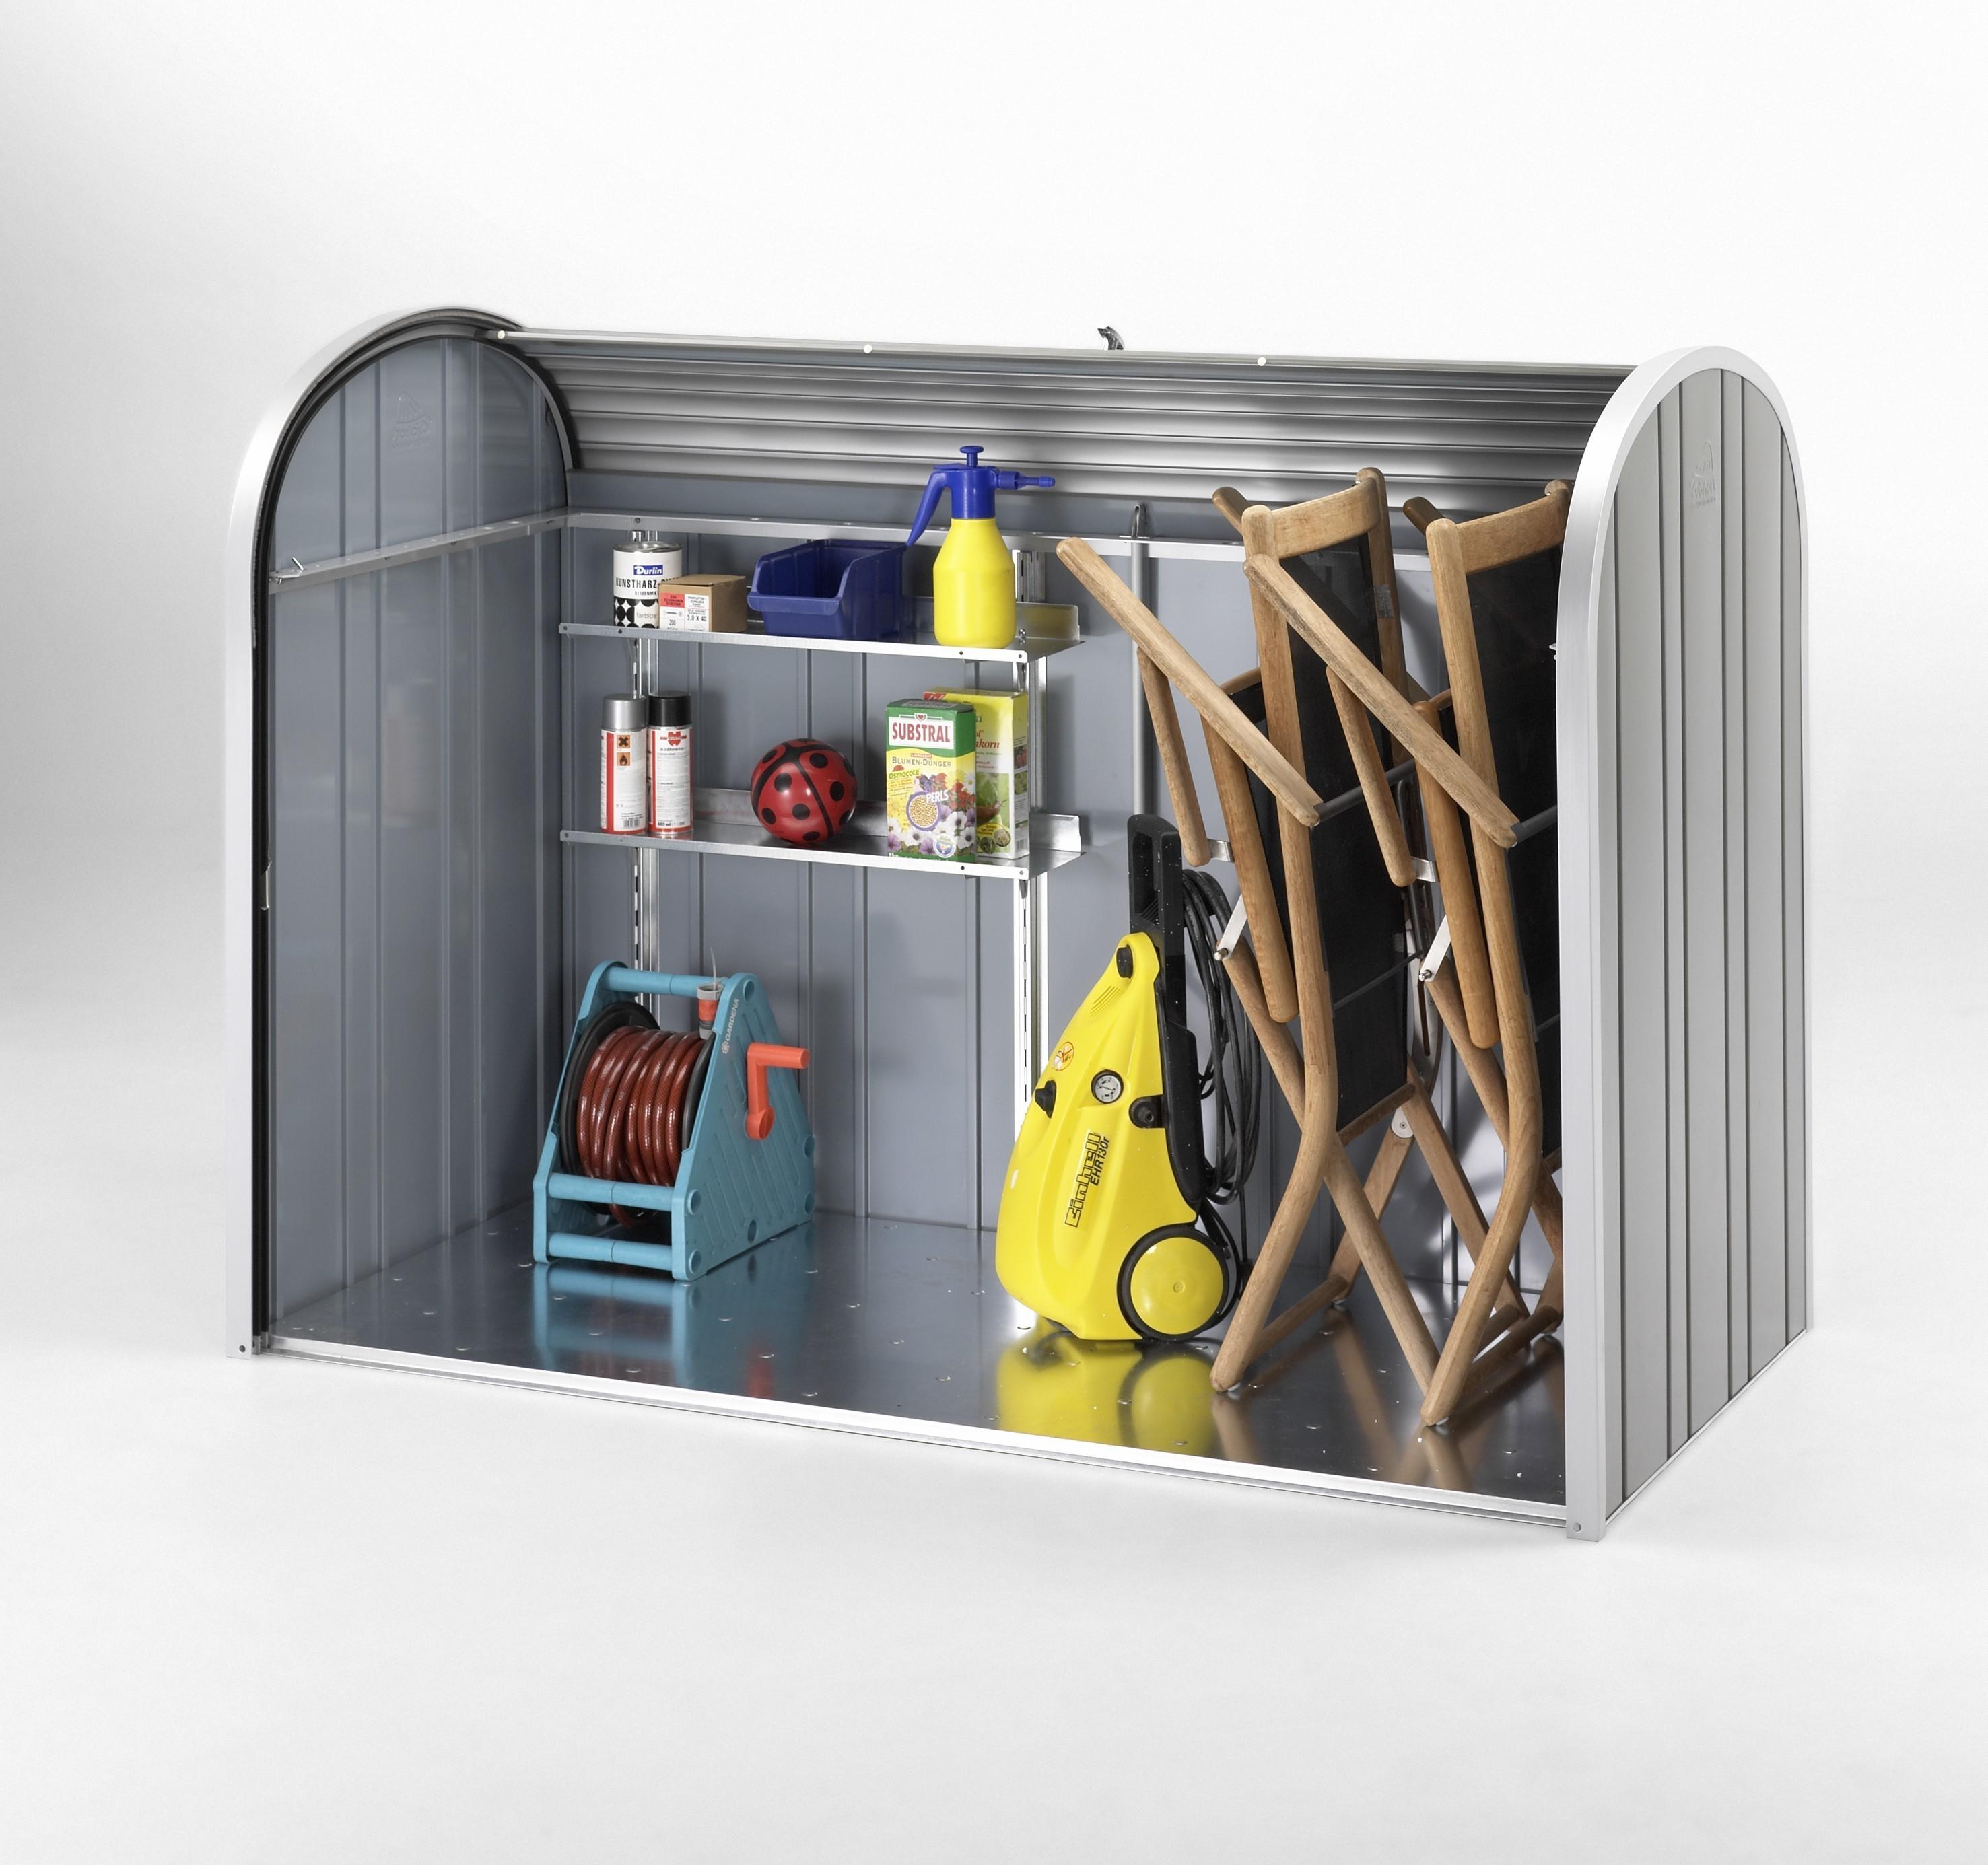 Regale Set Biohort für Gartenbox / Auflagenbox Storemax 190 Bild 2